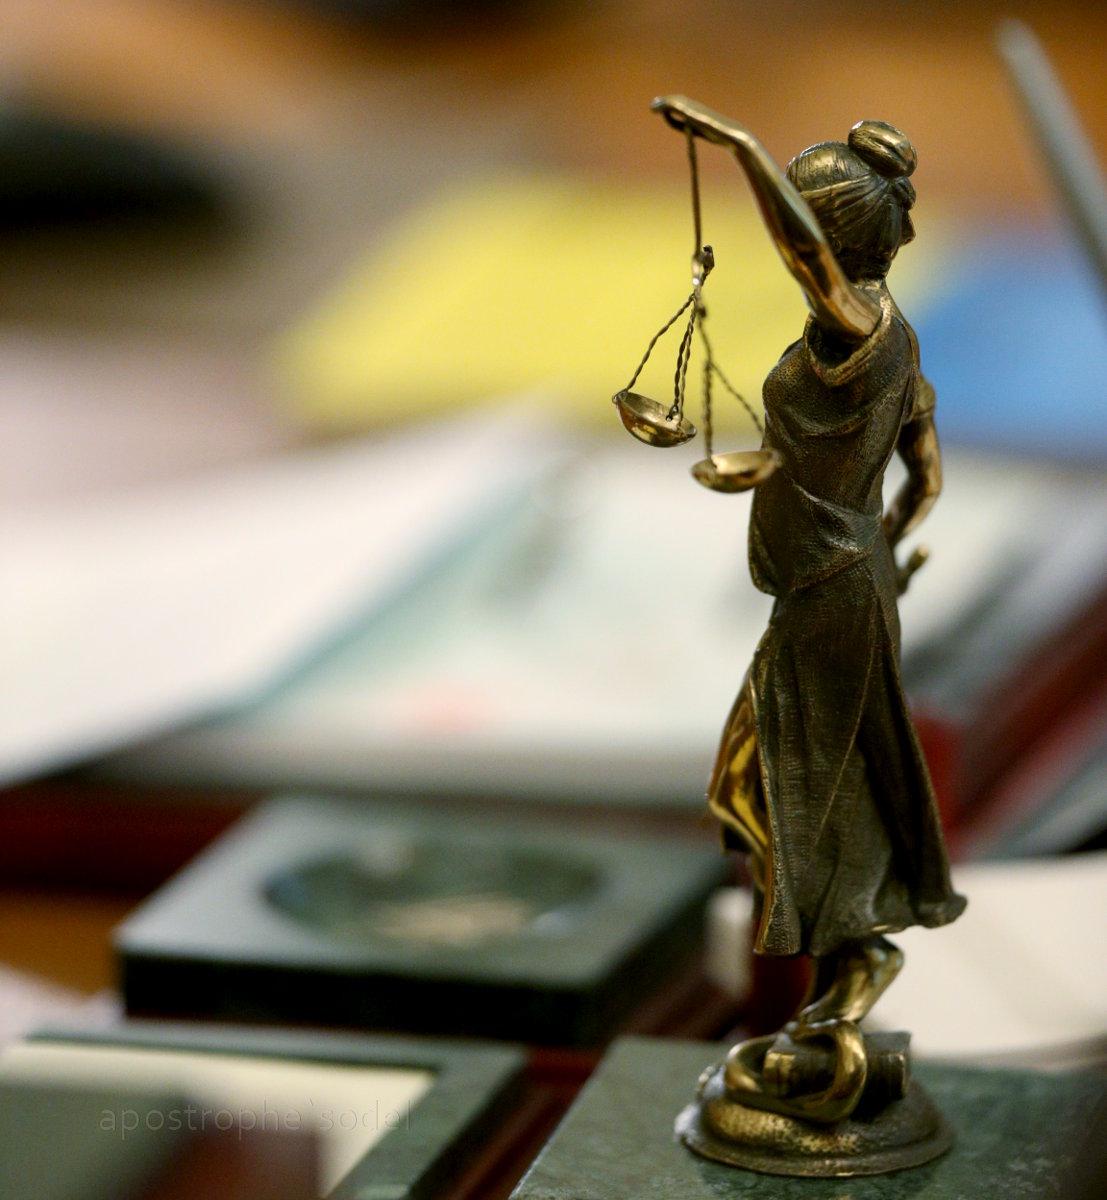 Эксперты недовольны ходом проведения судебной реформы в нашей стране